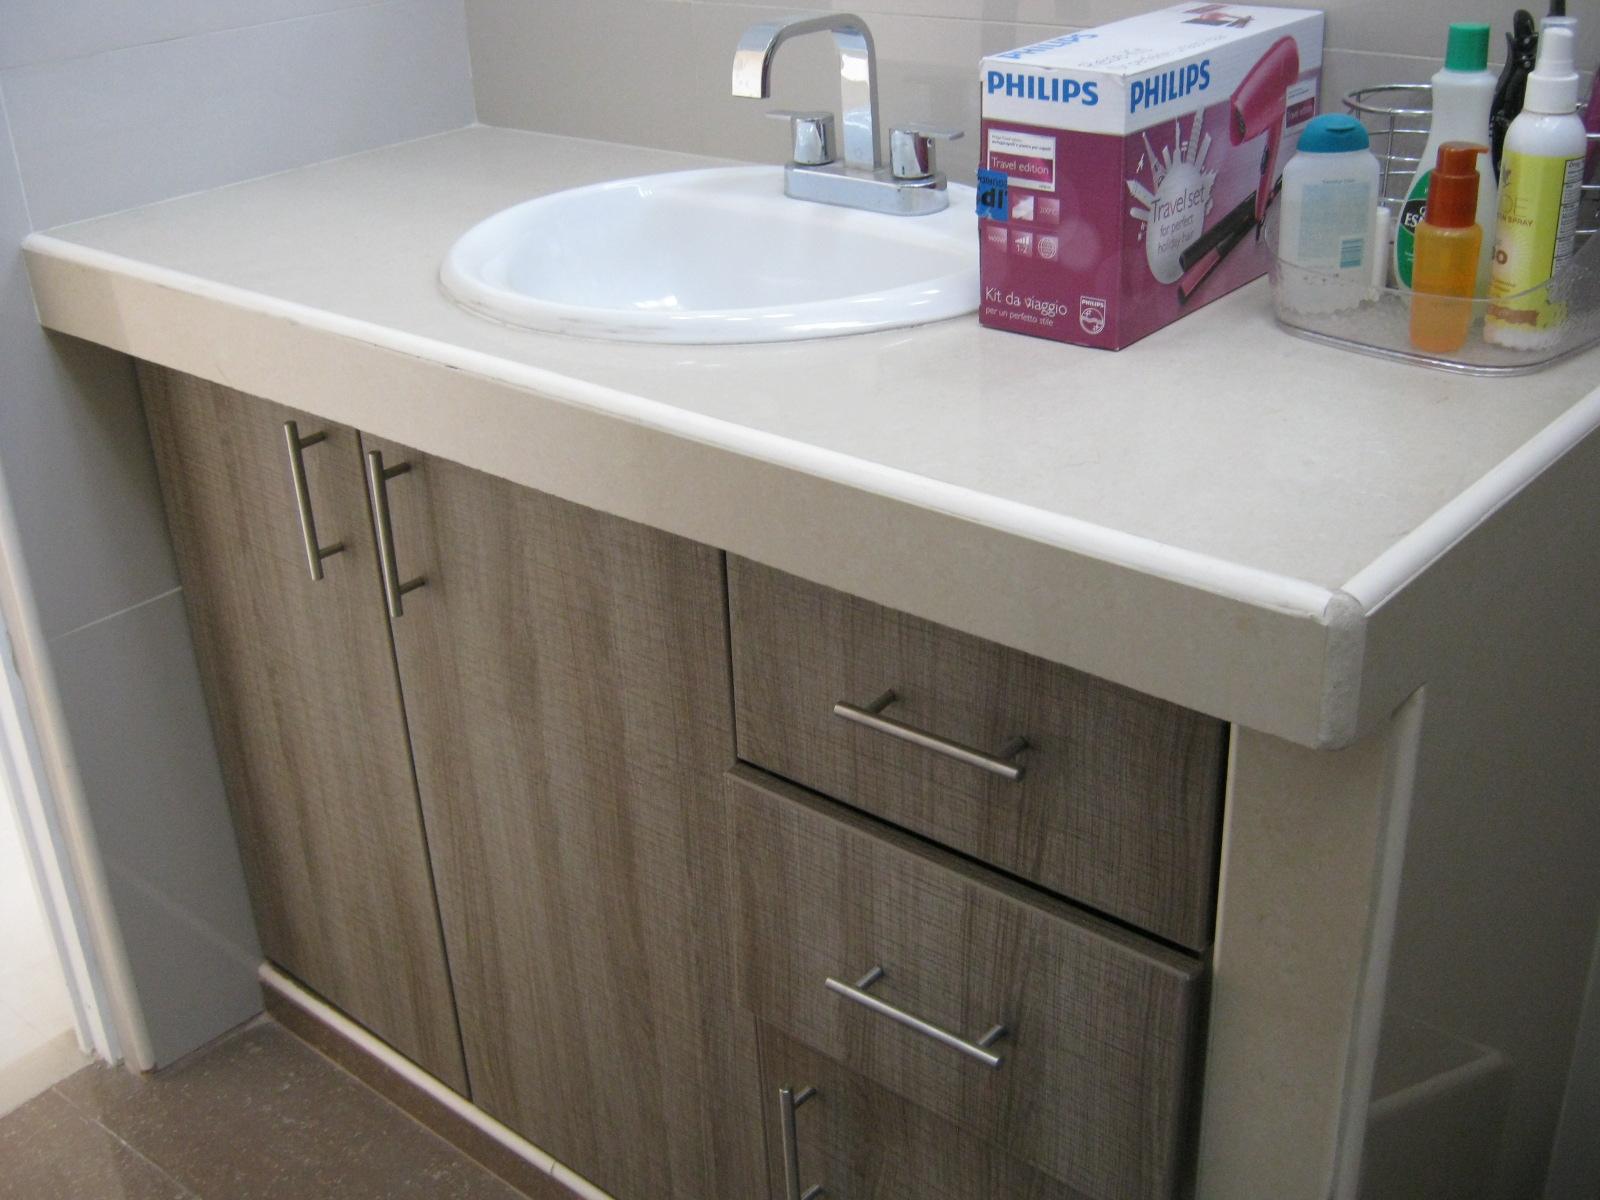 baño completo con mueble bajo en el lavatorio, puertas y cajones